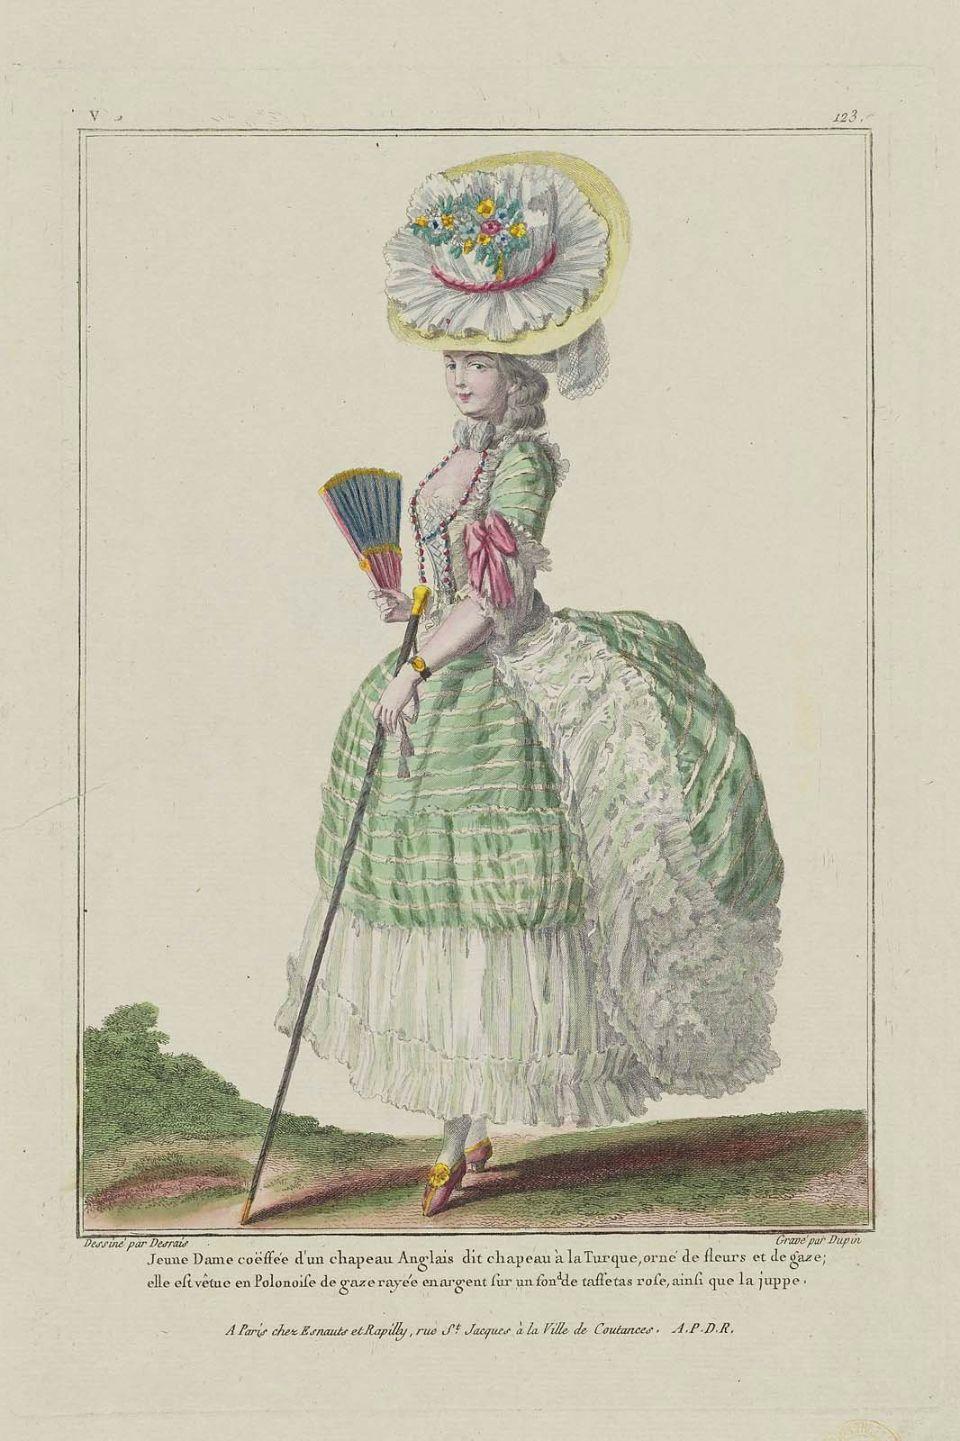 Galerie de Modes et Costumes Français. 1779.